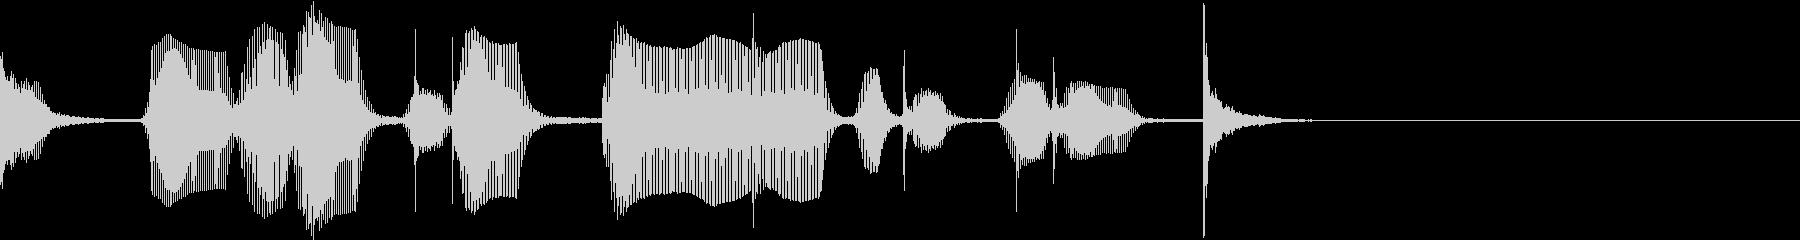 ほのぼのした日常のジングルの未再生の波形